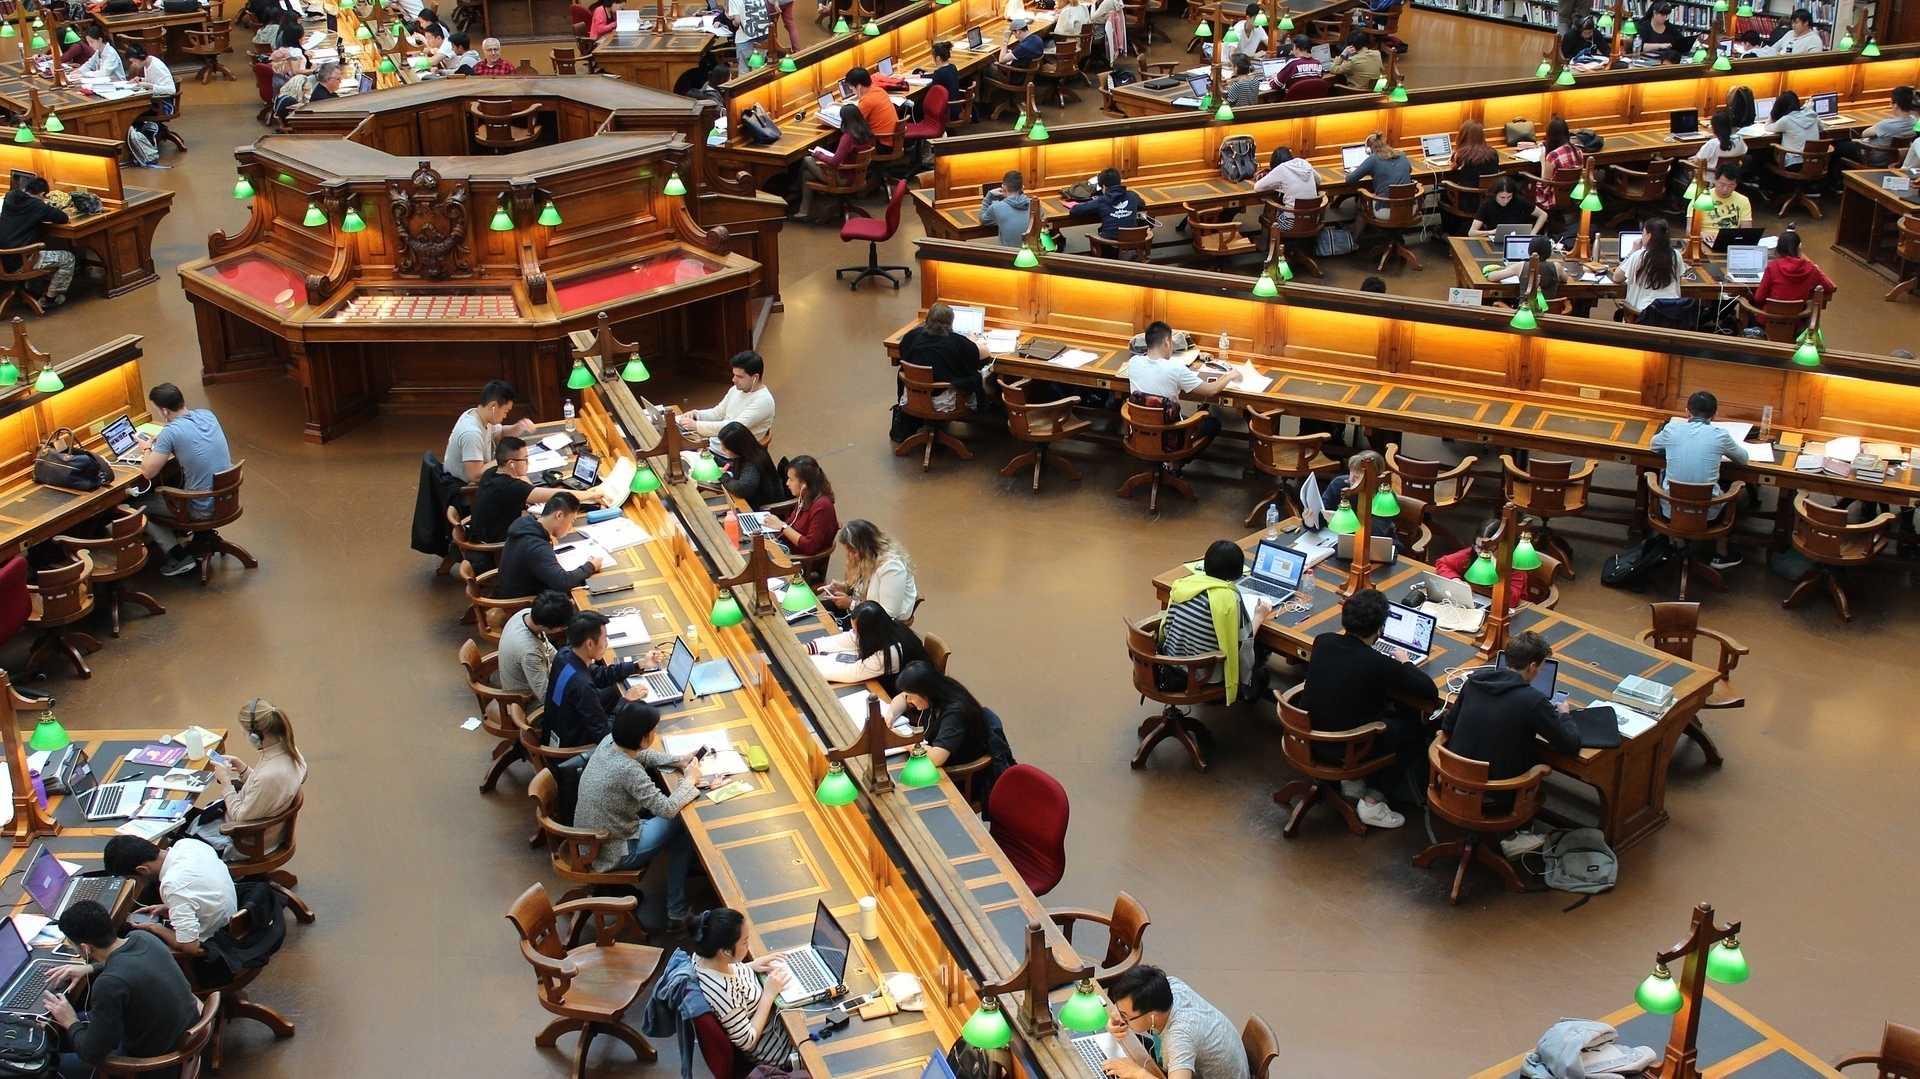 Meilenstein für Open Science: Wissenschaftsfonds verpflichten sich zu Open Access